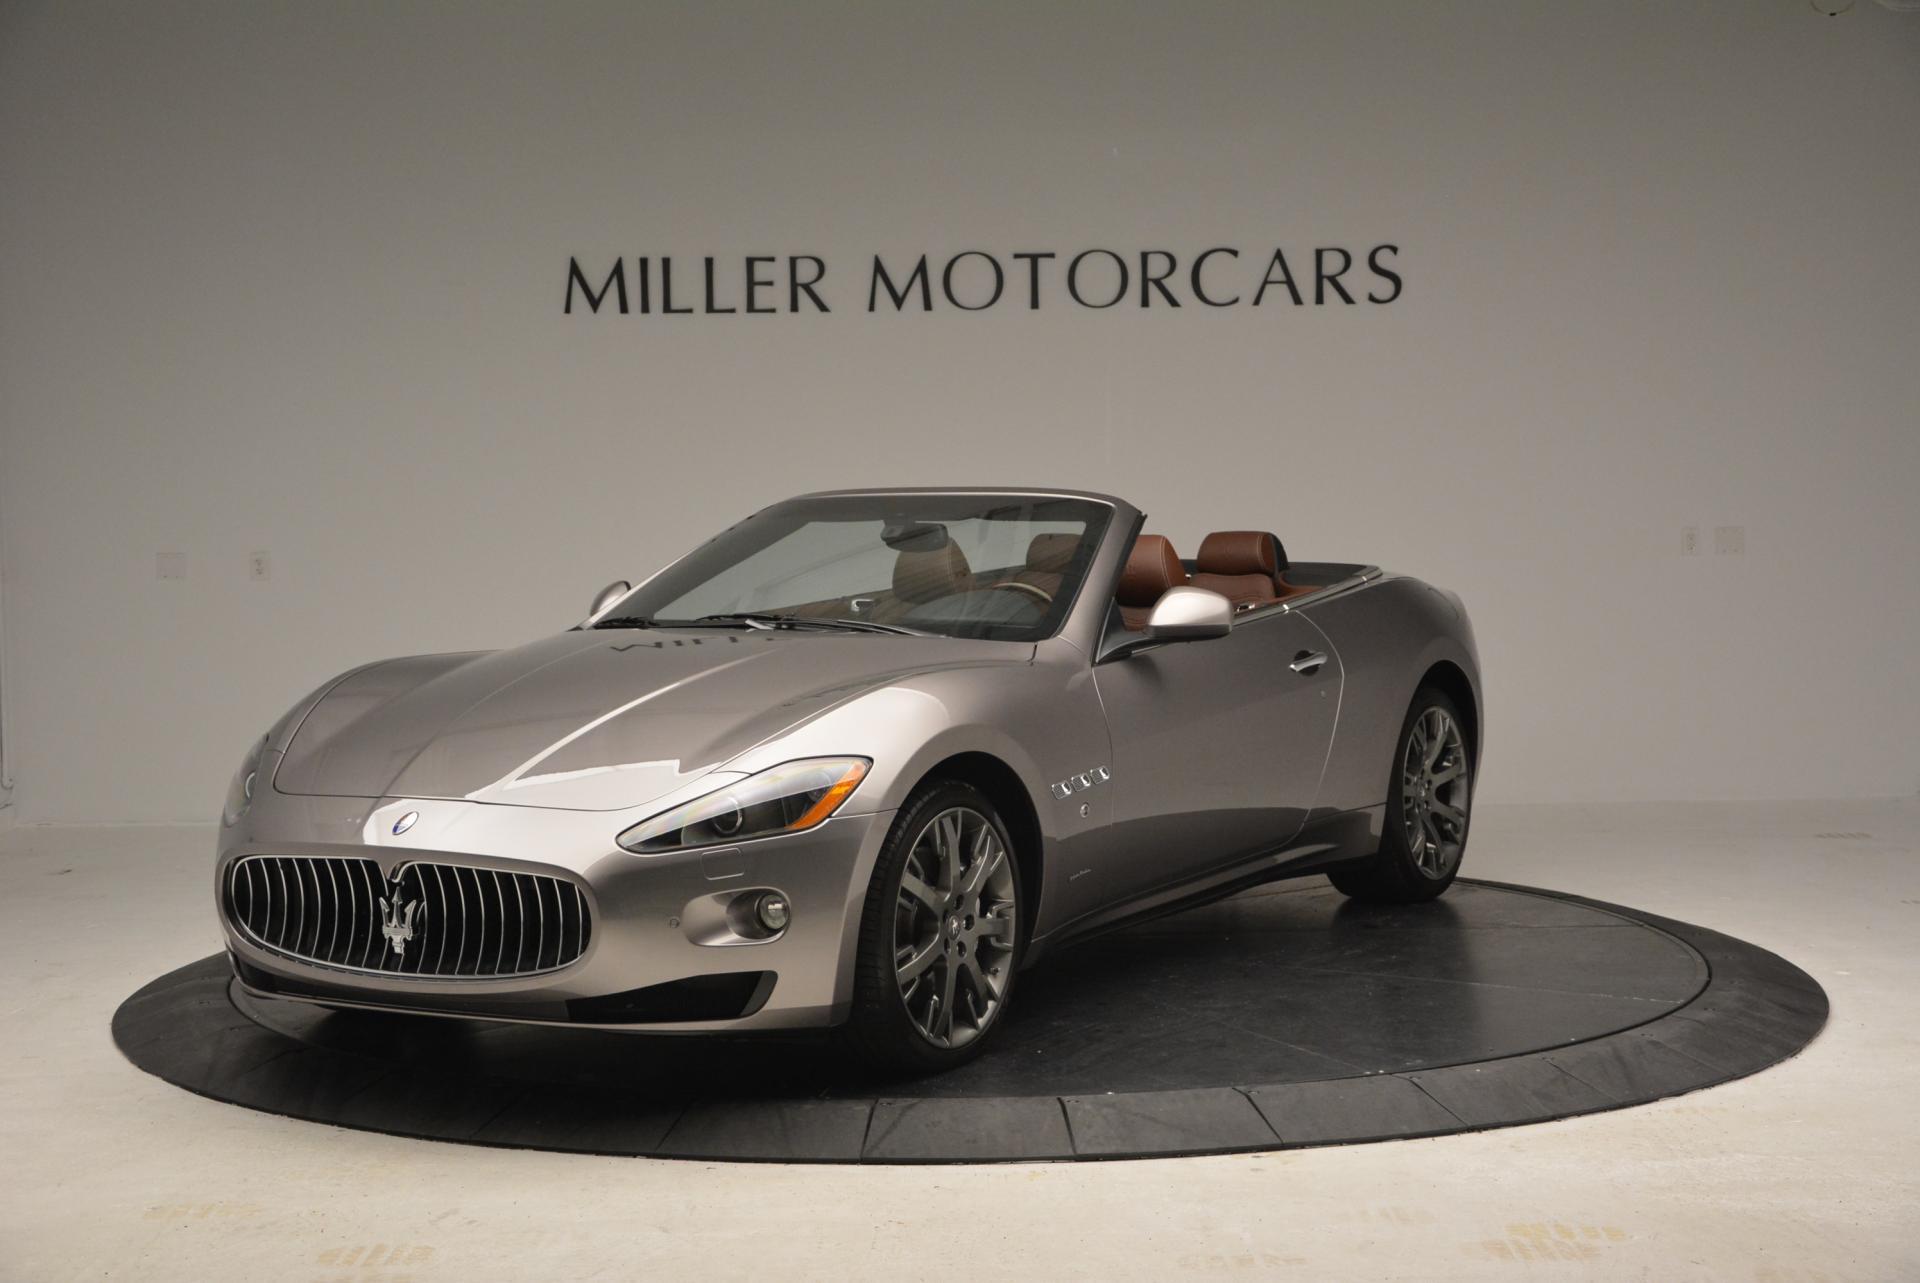 Used 2012 Maserati GranTurismo  For Sale In Greenwich, CT 157_main